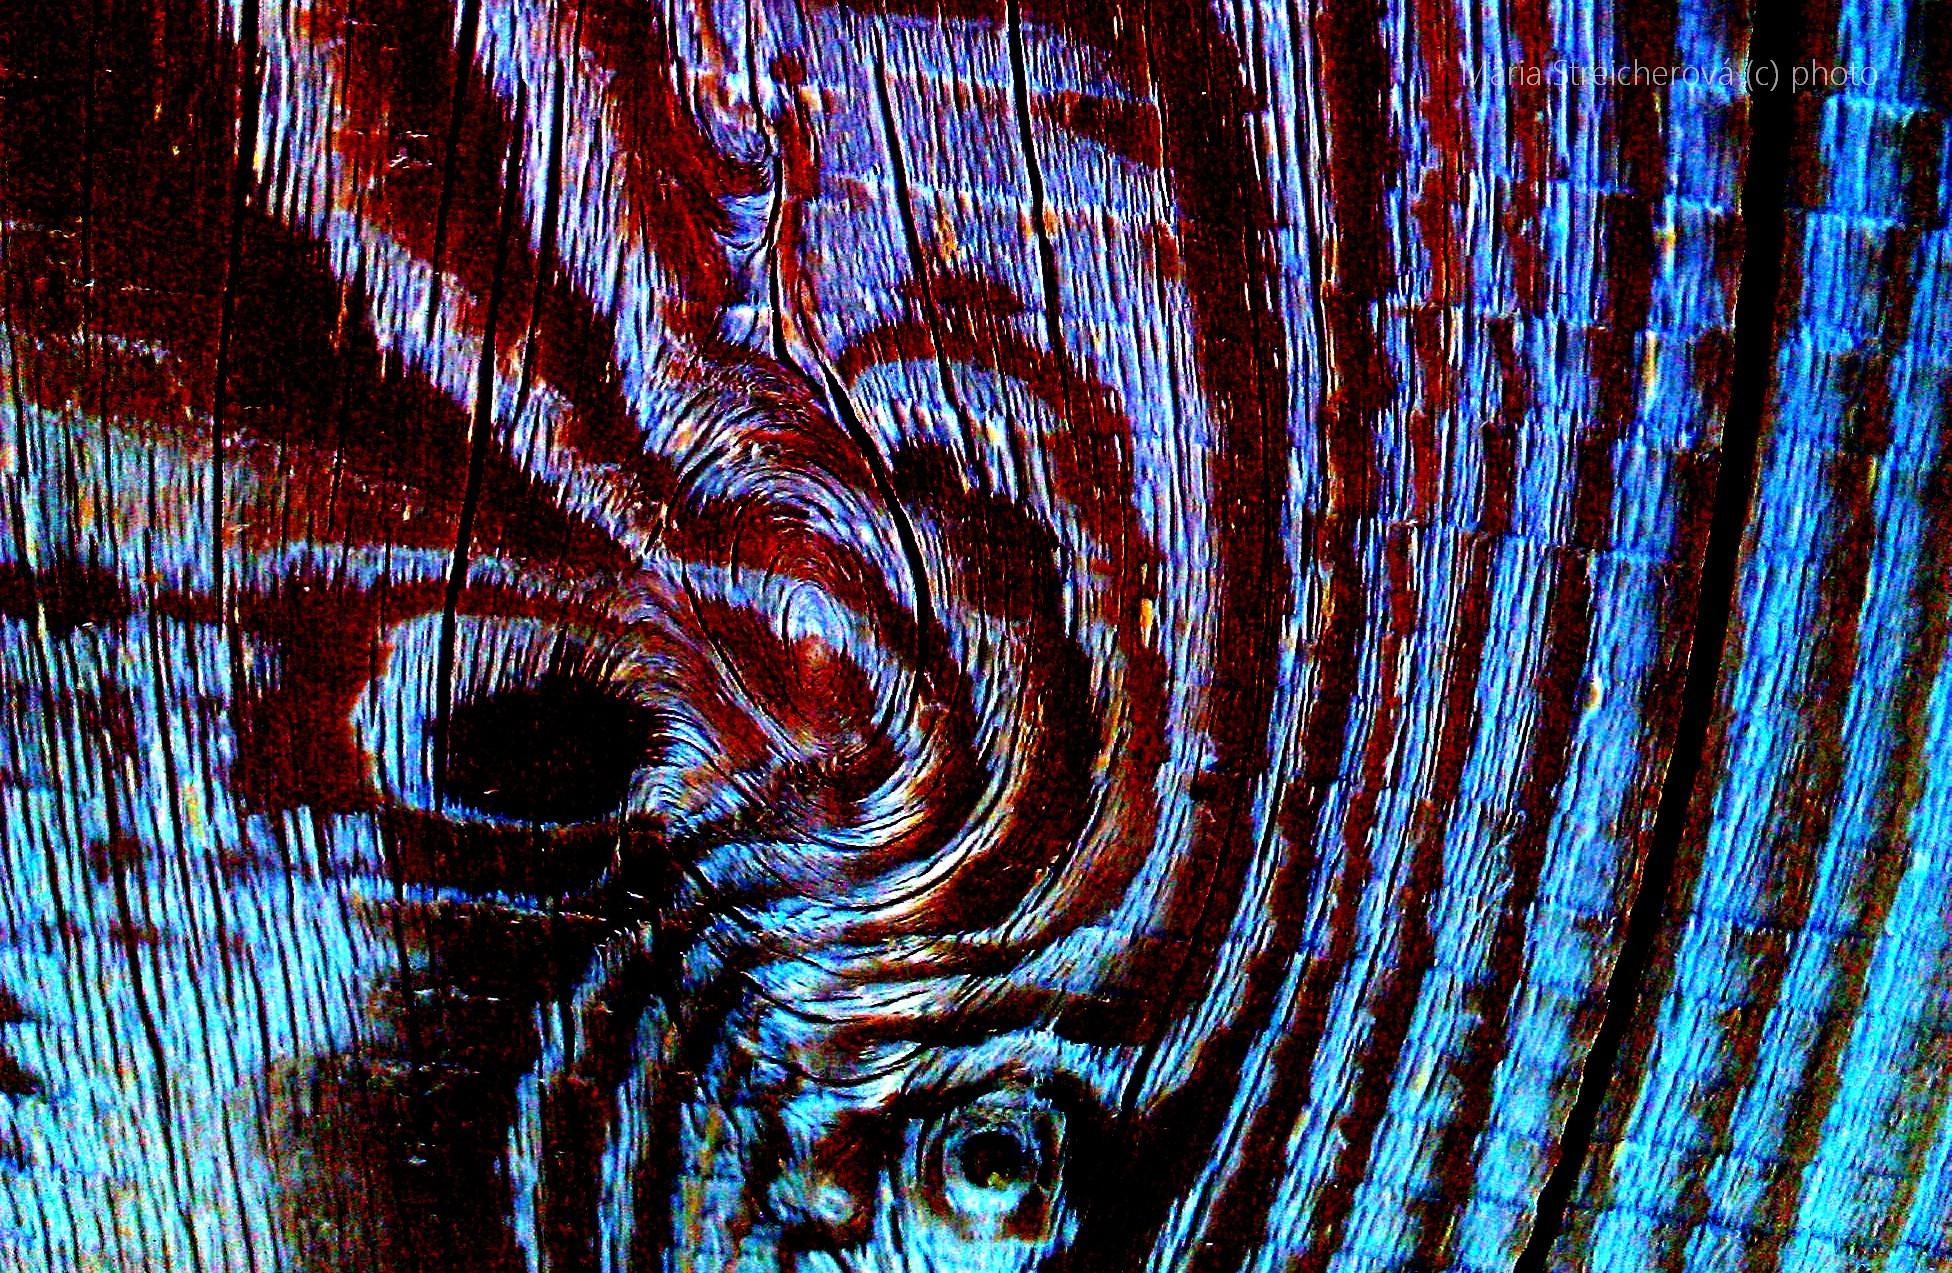 Štruktúra a kresba dreva vo farebnej úprave.